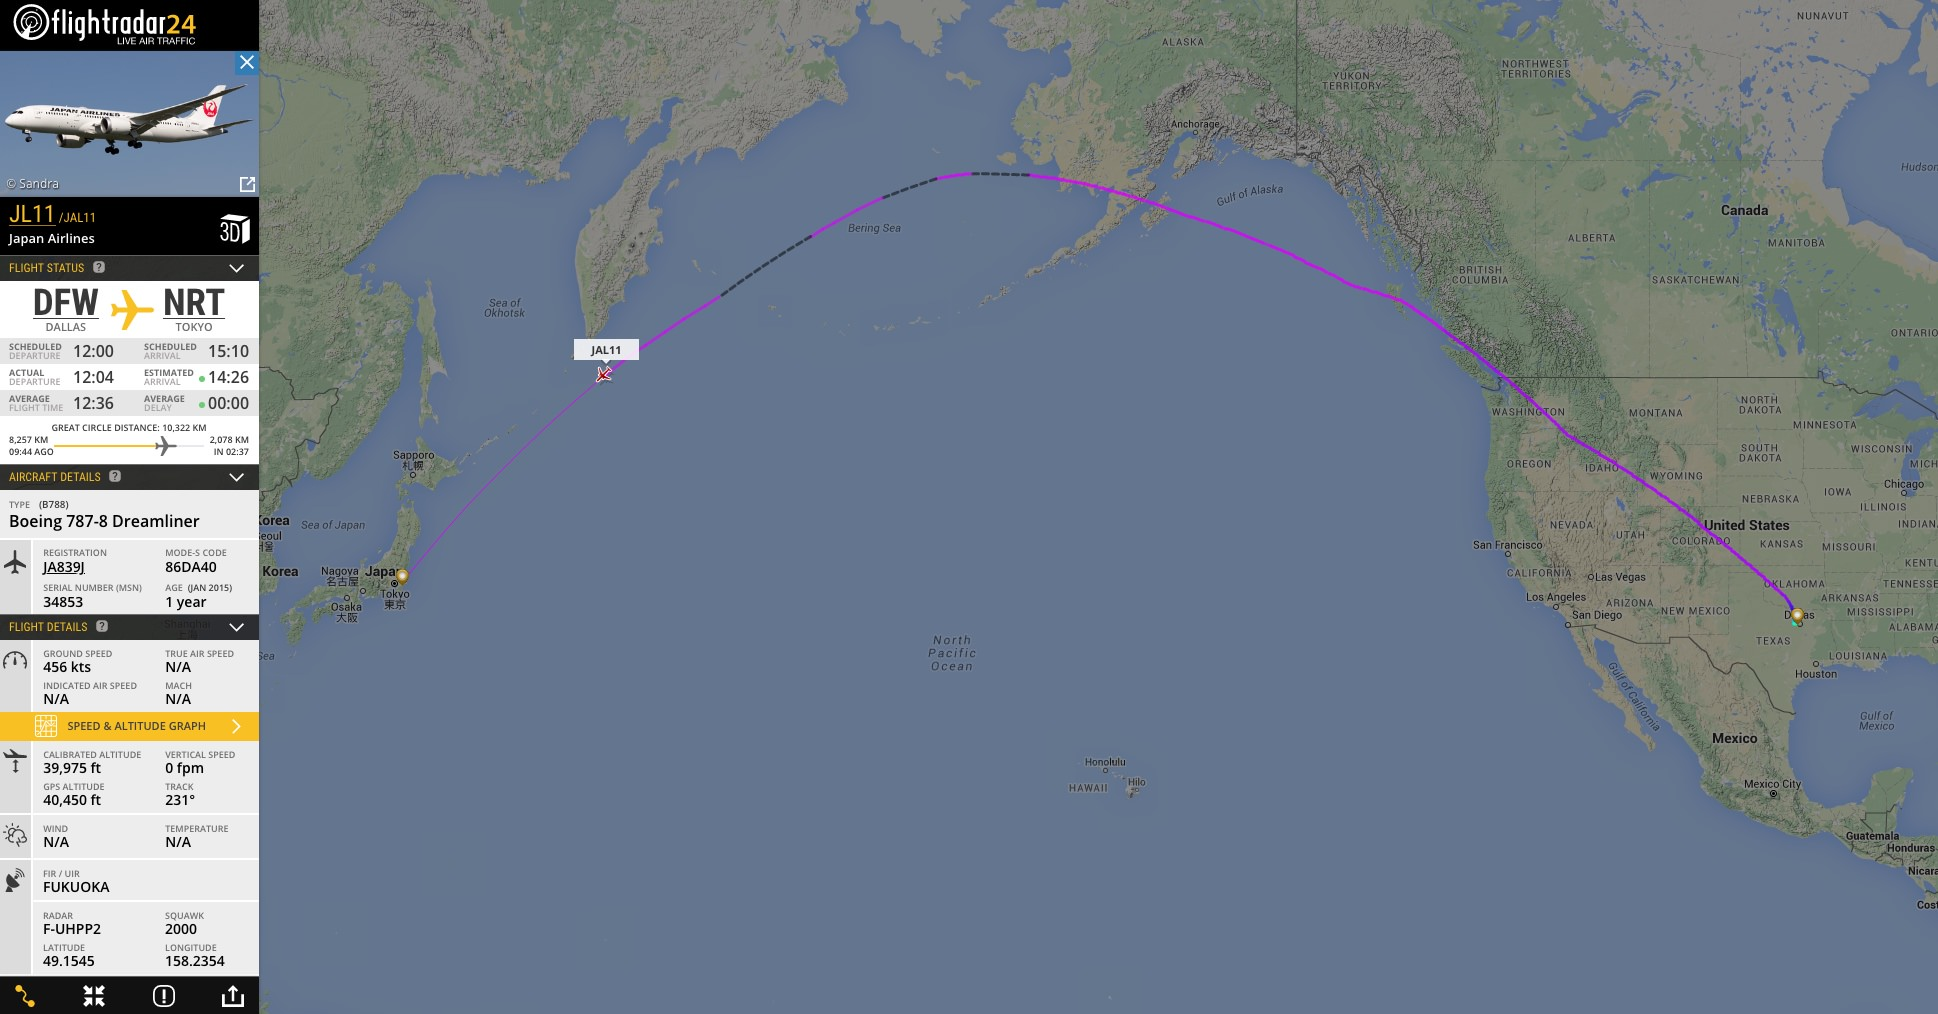 Exploring Estimated Coverage in Flightradar24